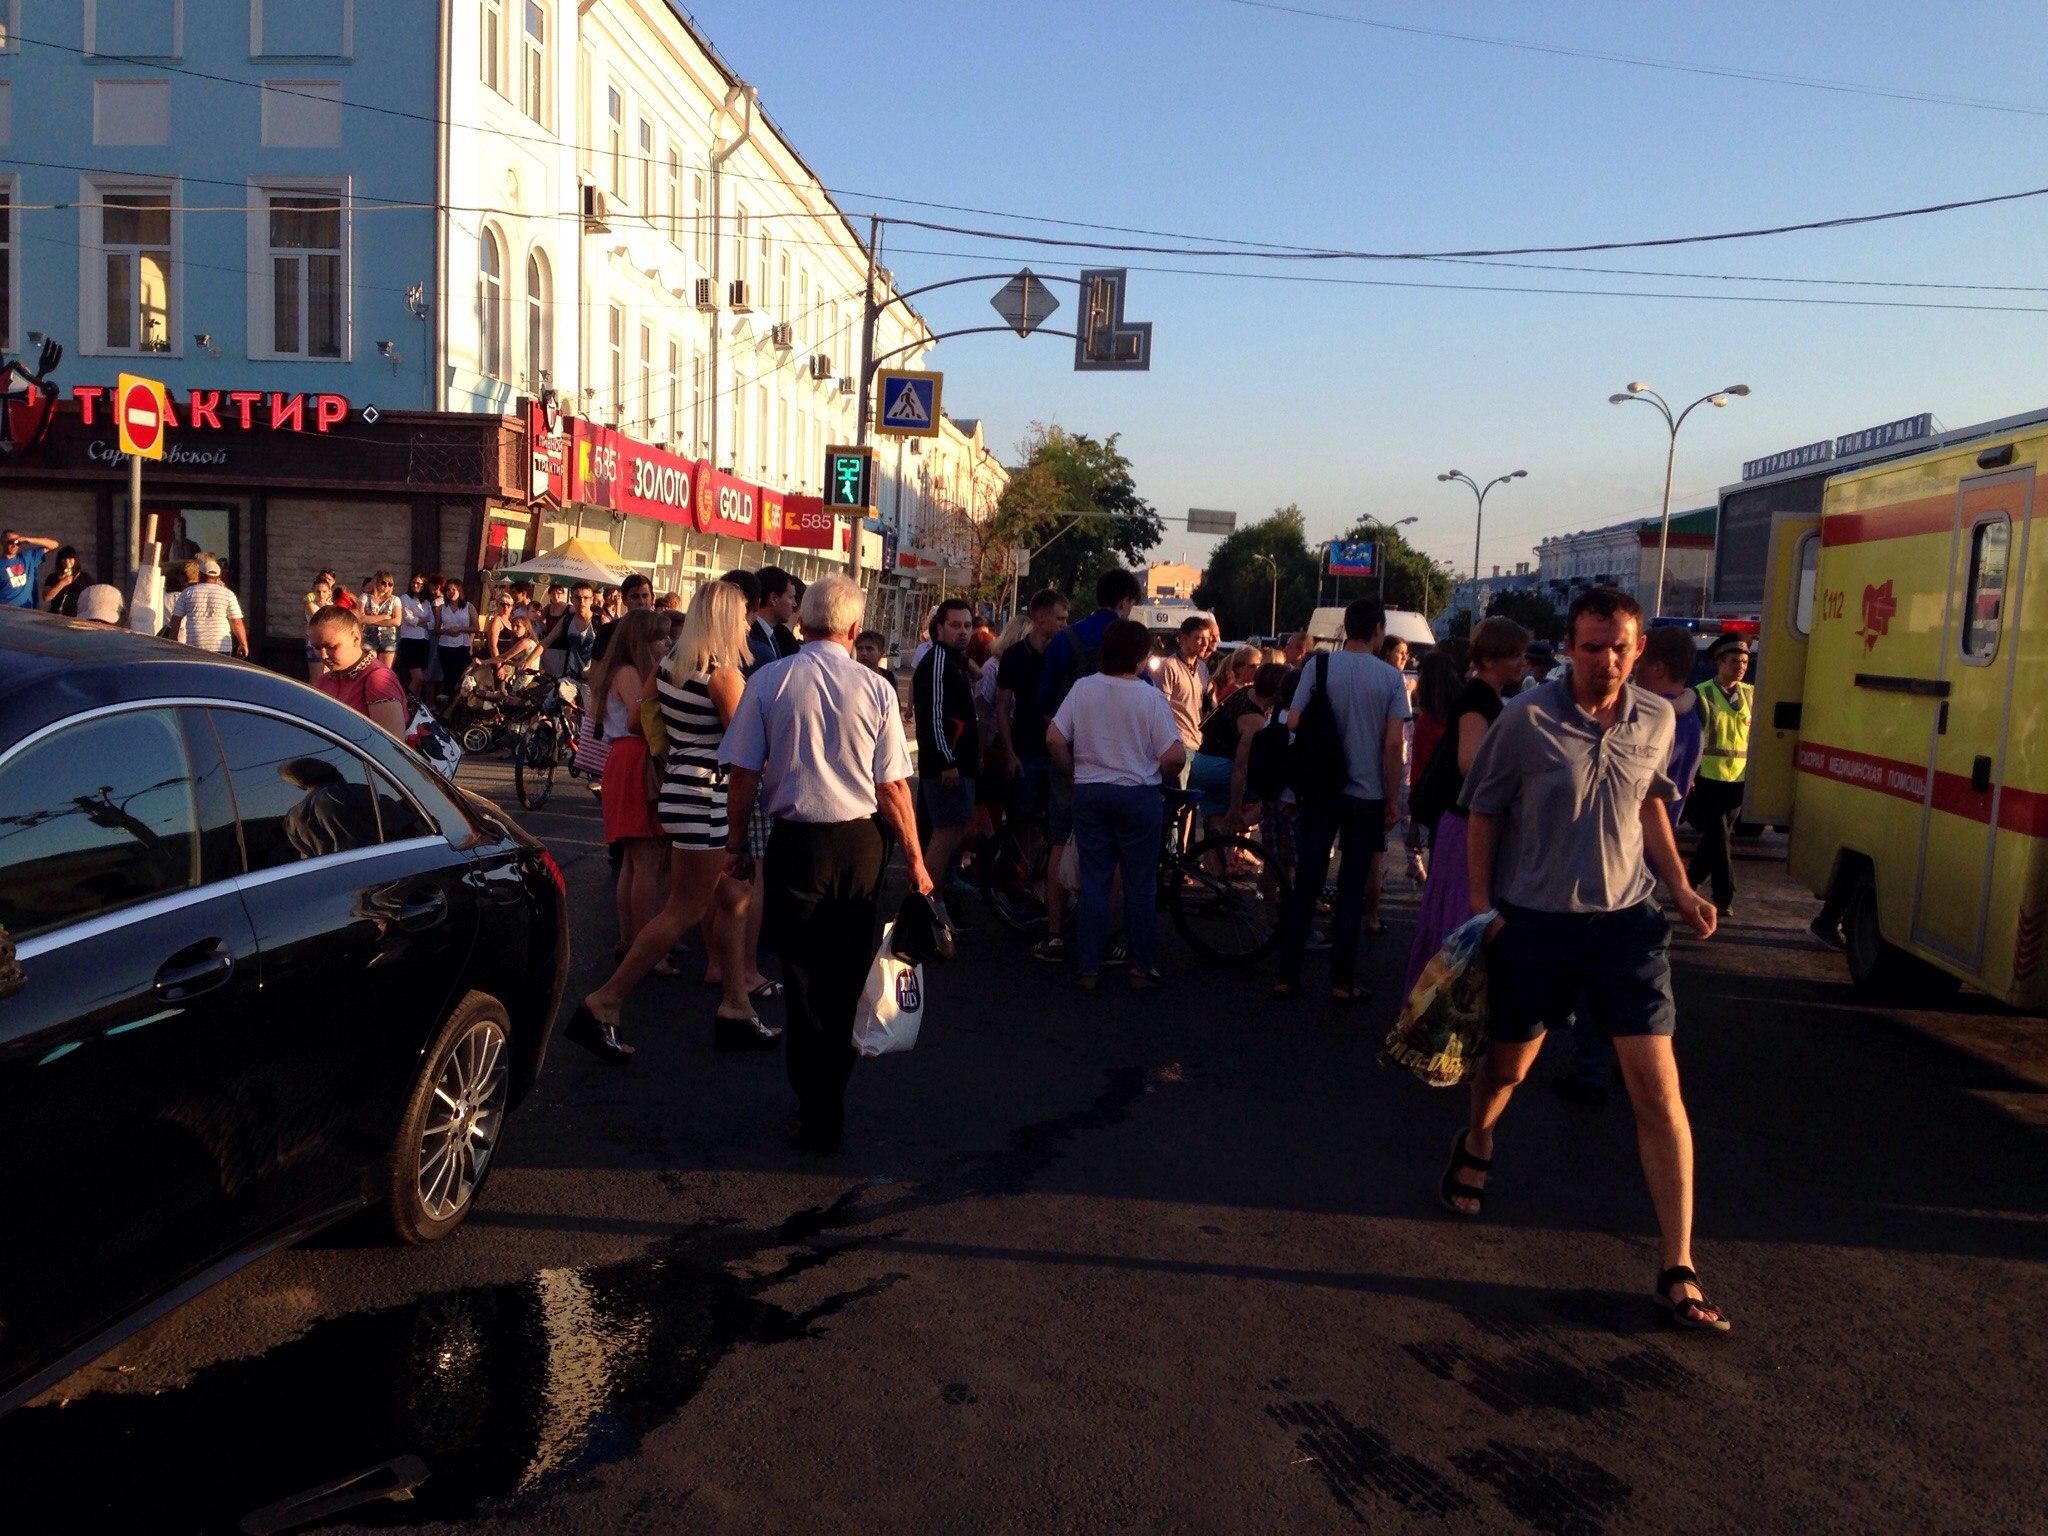 Учебный центр ульяновск сбили девушку фото